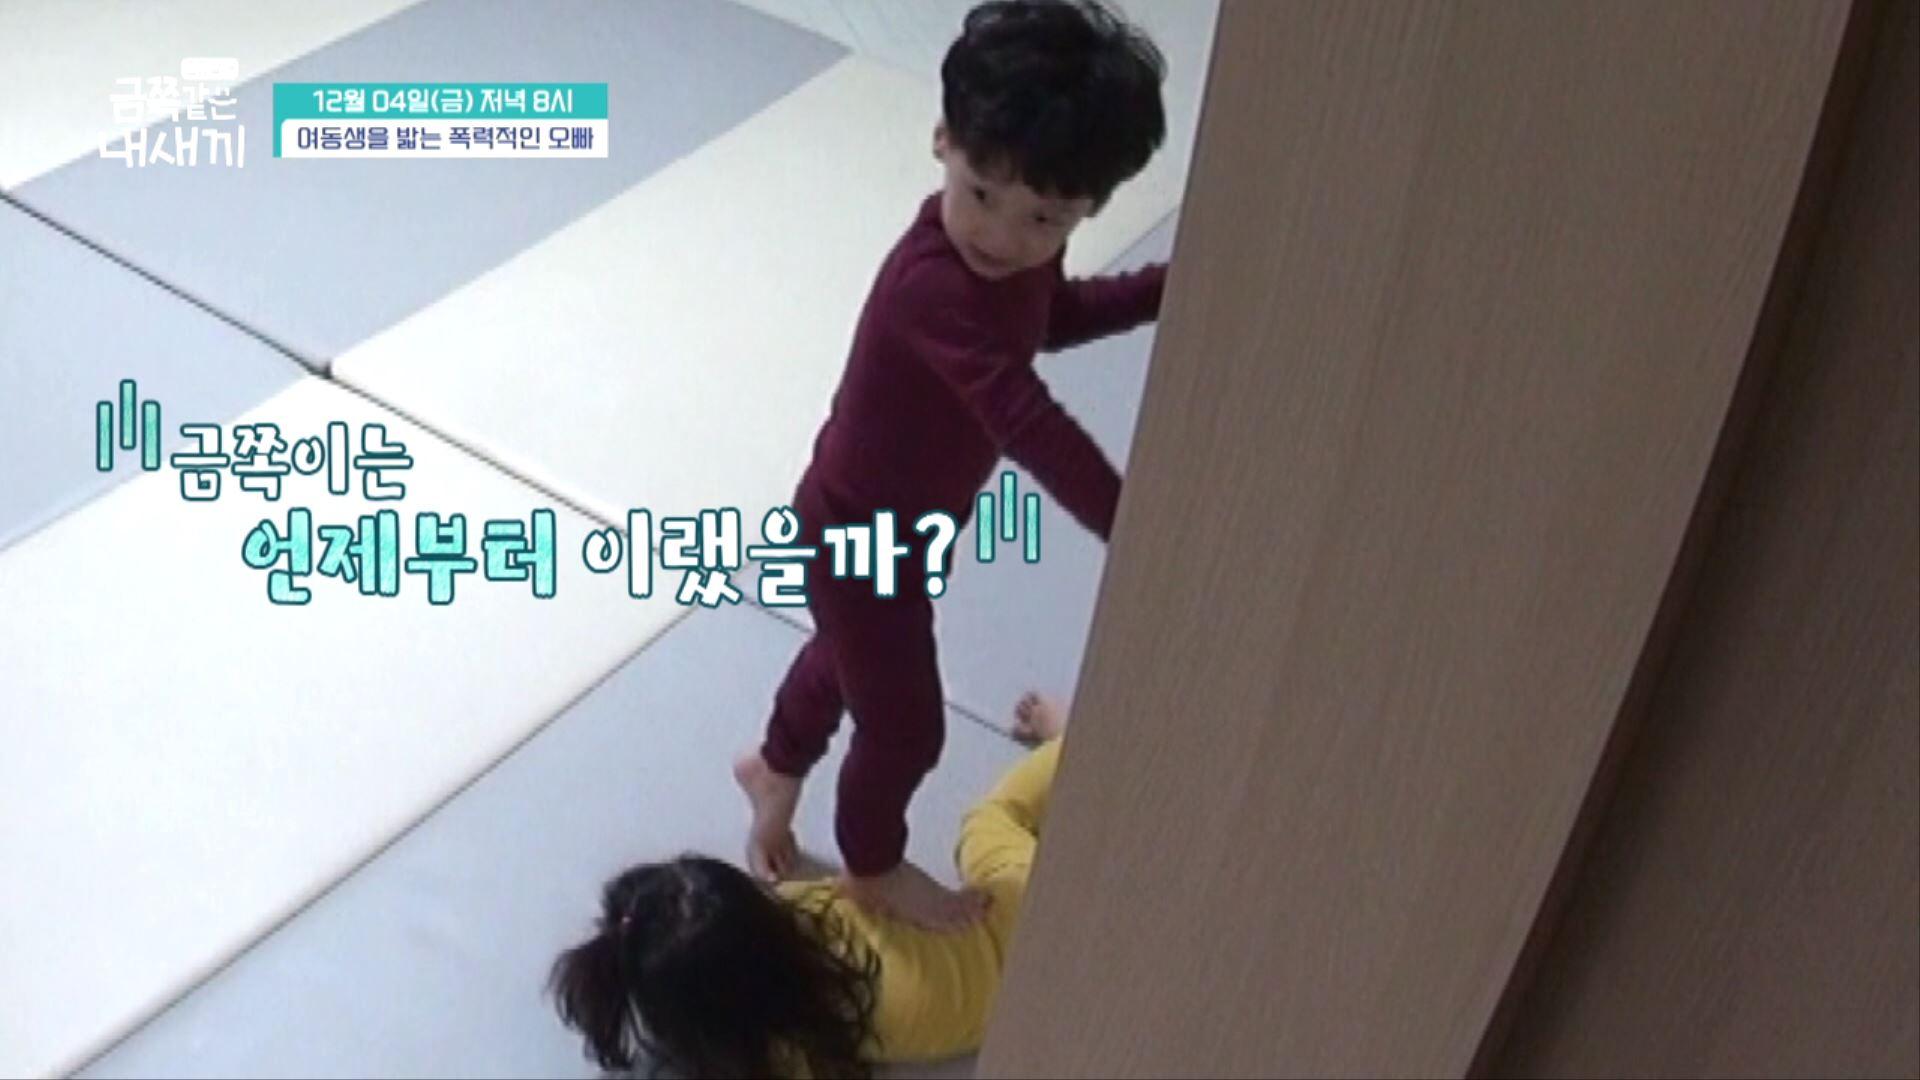 [선공개] (심각) 여동생과 과격하게 노는 금쪽이;;;....